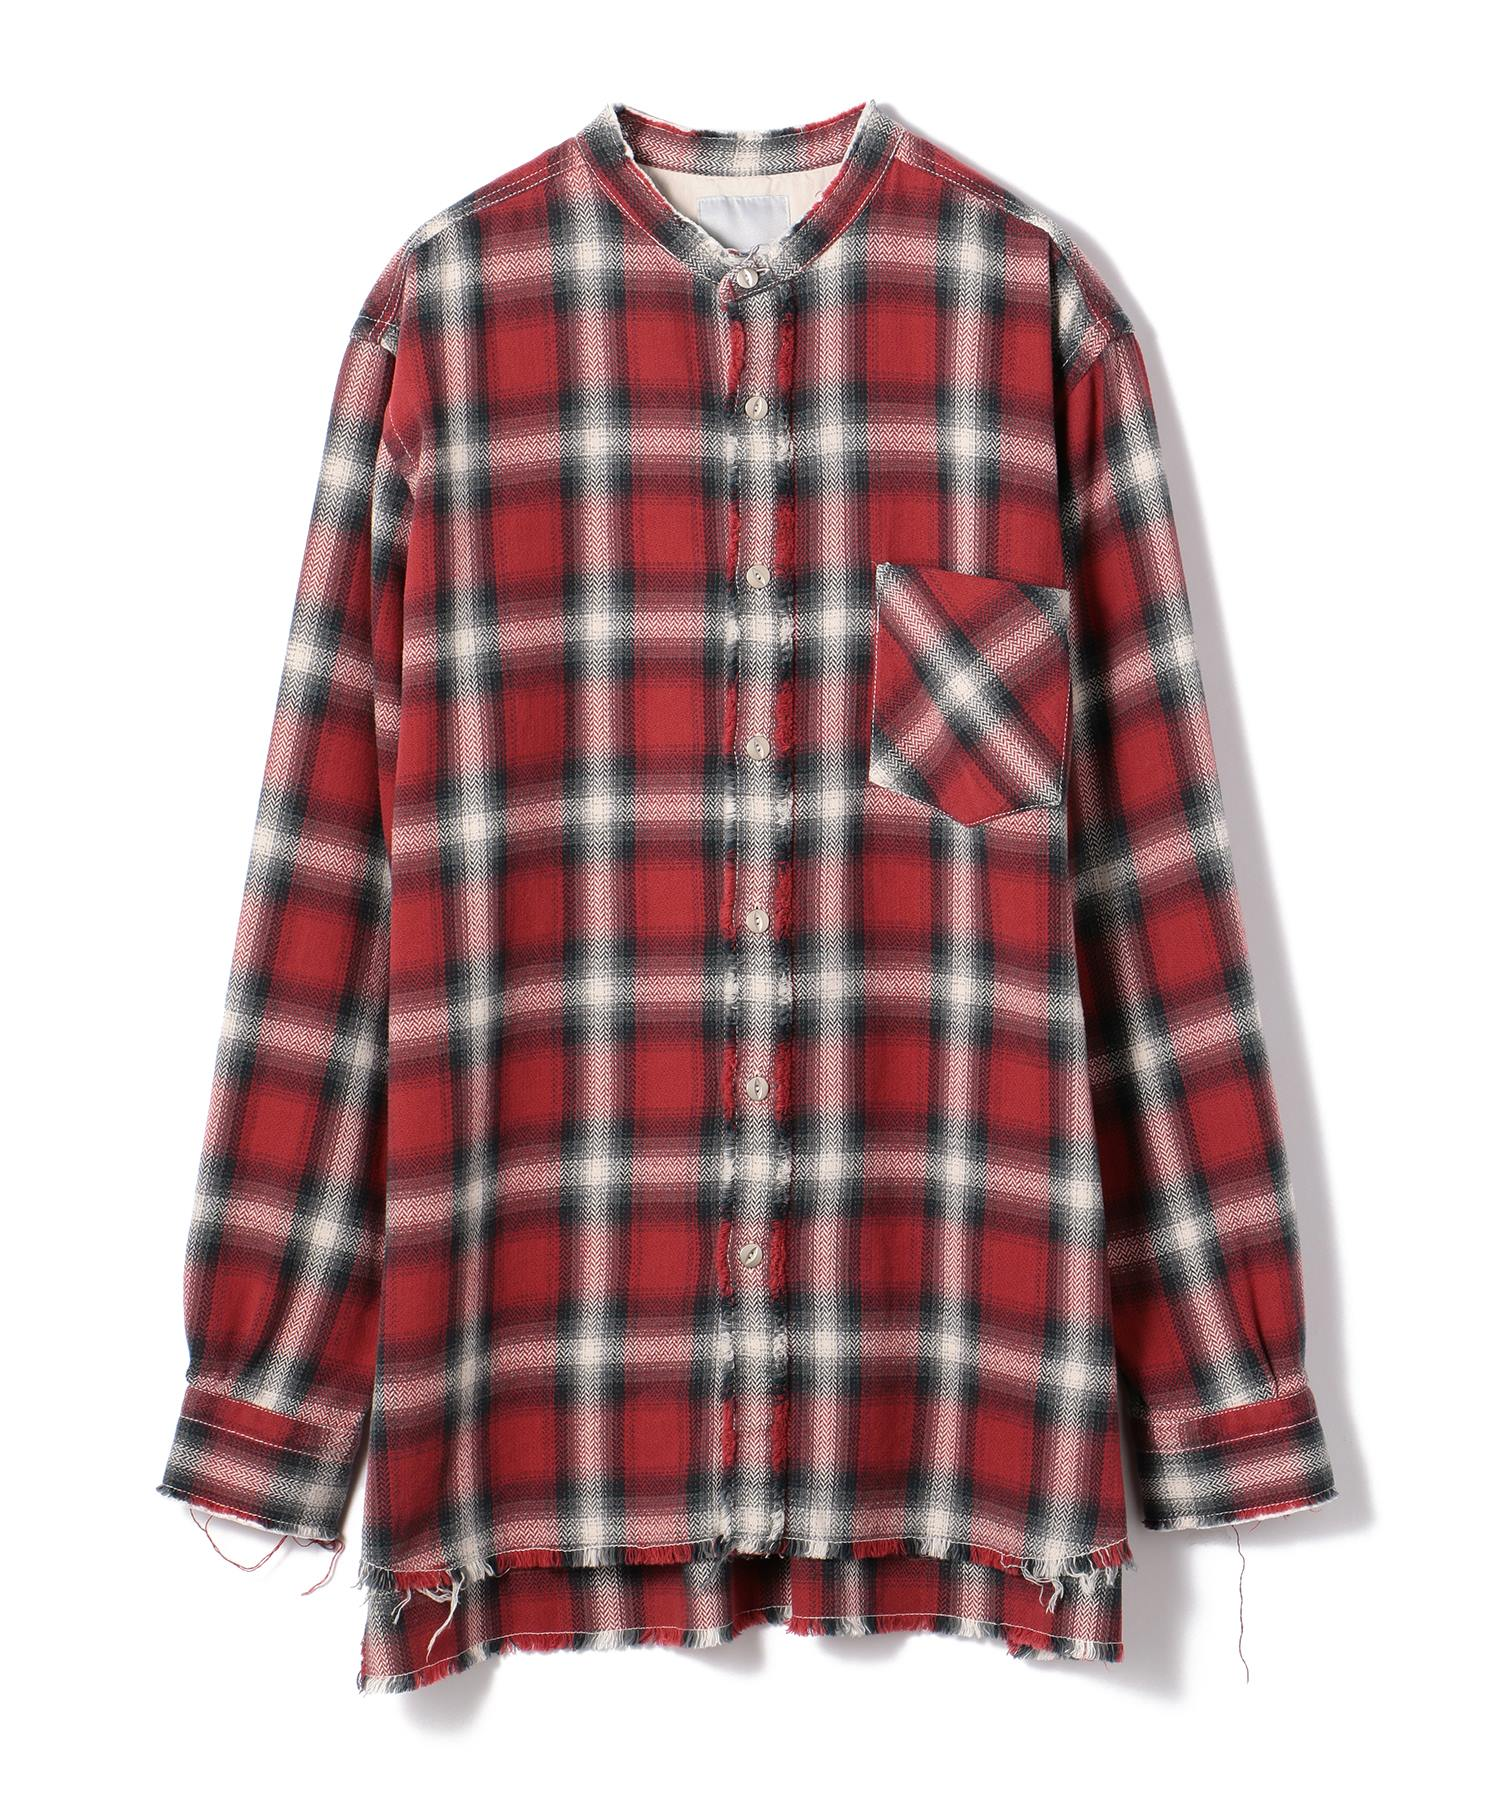 ONEGRAVITY / チェック柄バンドカラーグランジシャツ